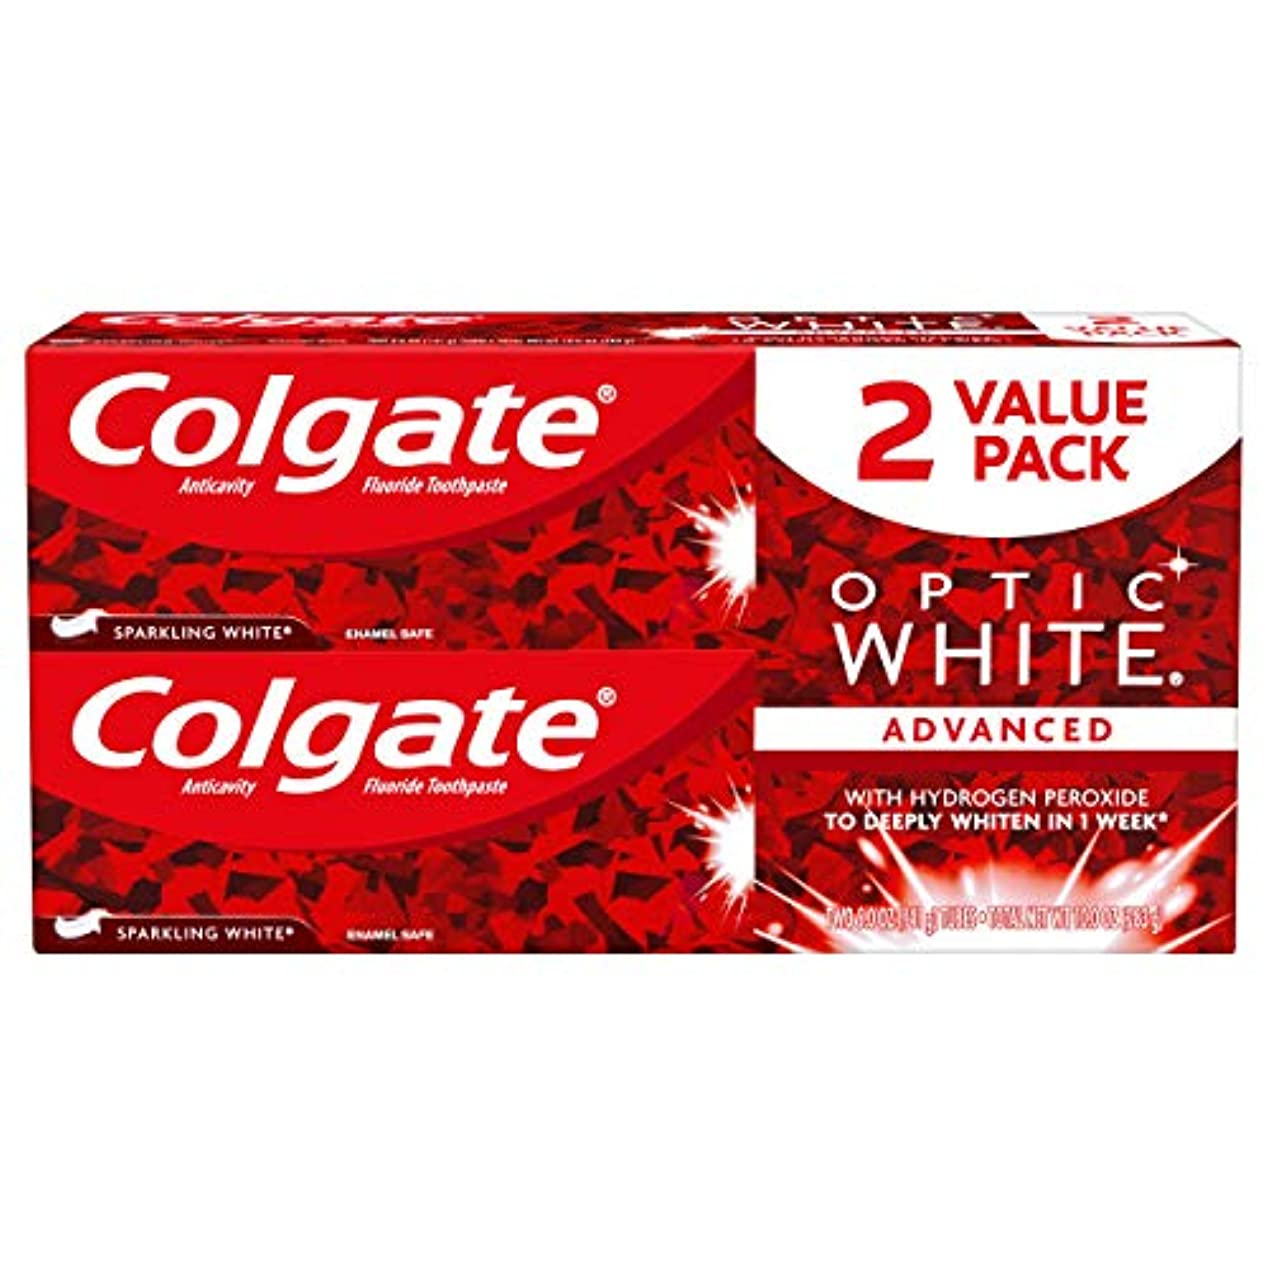 注釈を付ける呪われためまいColgate オプティックホワイト虫歯予防フッ素歯磨きスパークリングミント - 2 PK